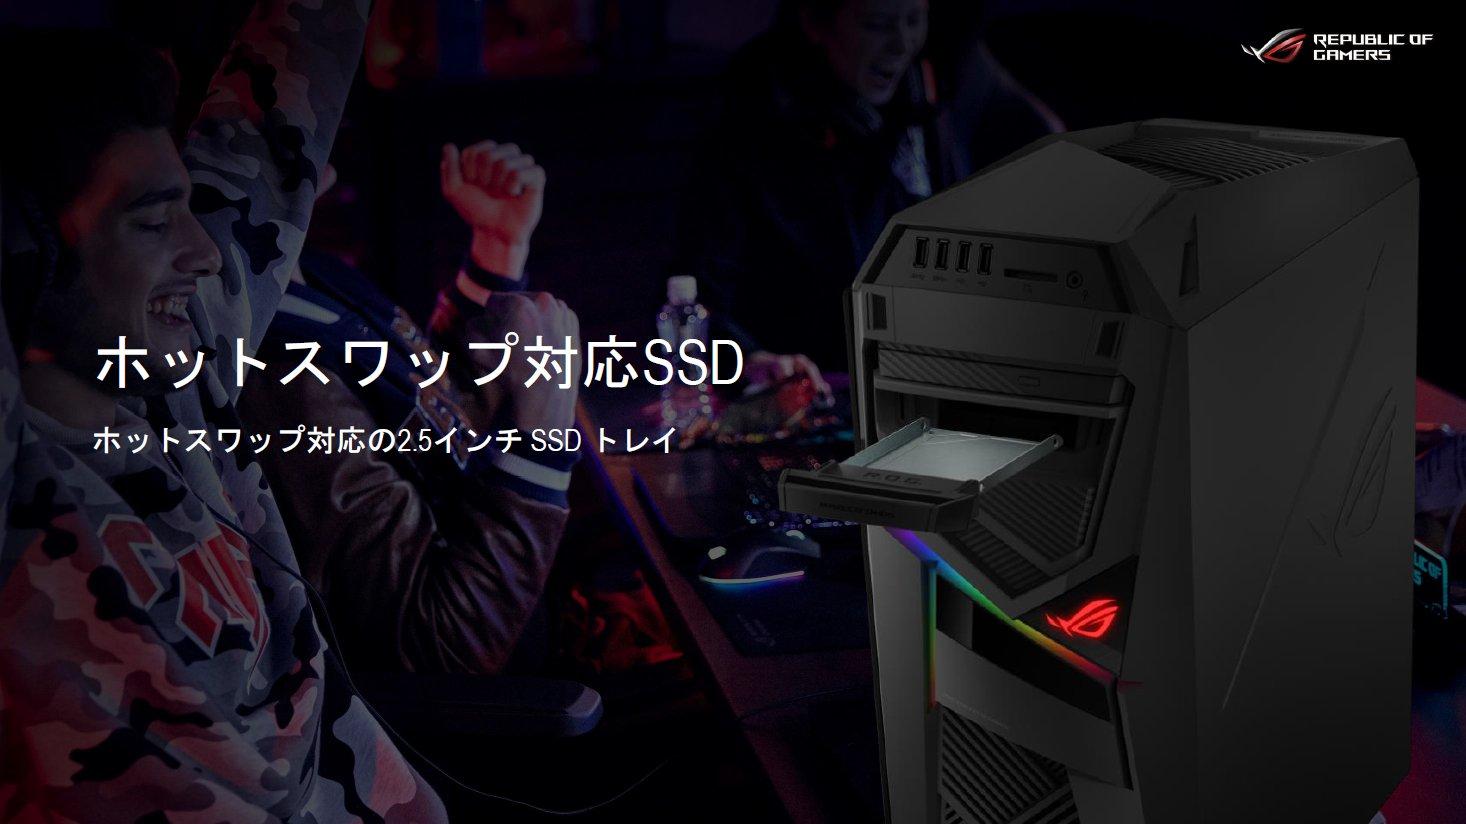 正面から2.5インチSSDが抜き差しできるSSDトレイを採用